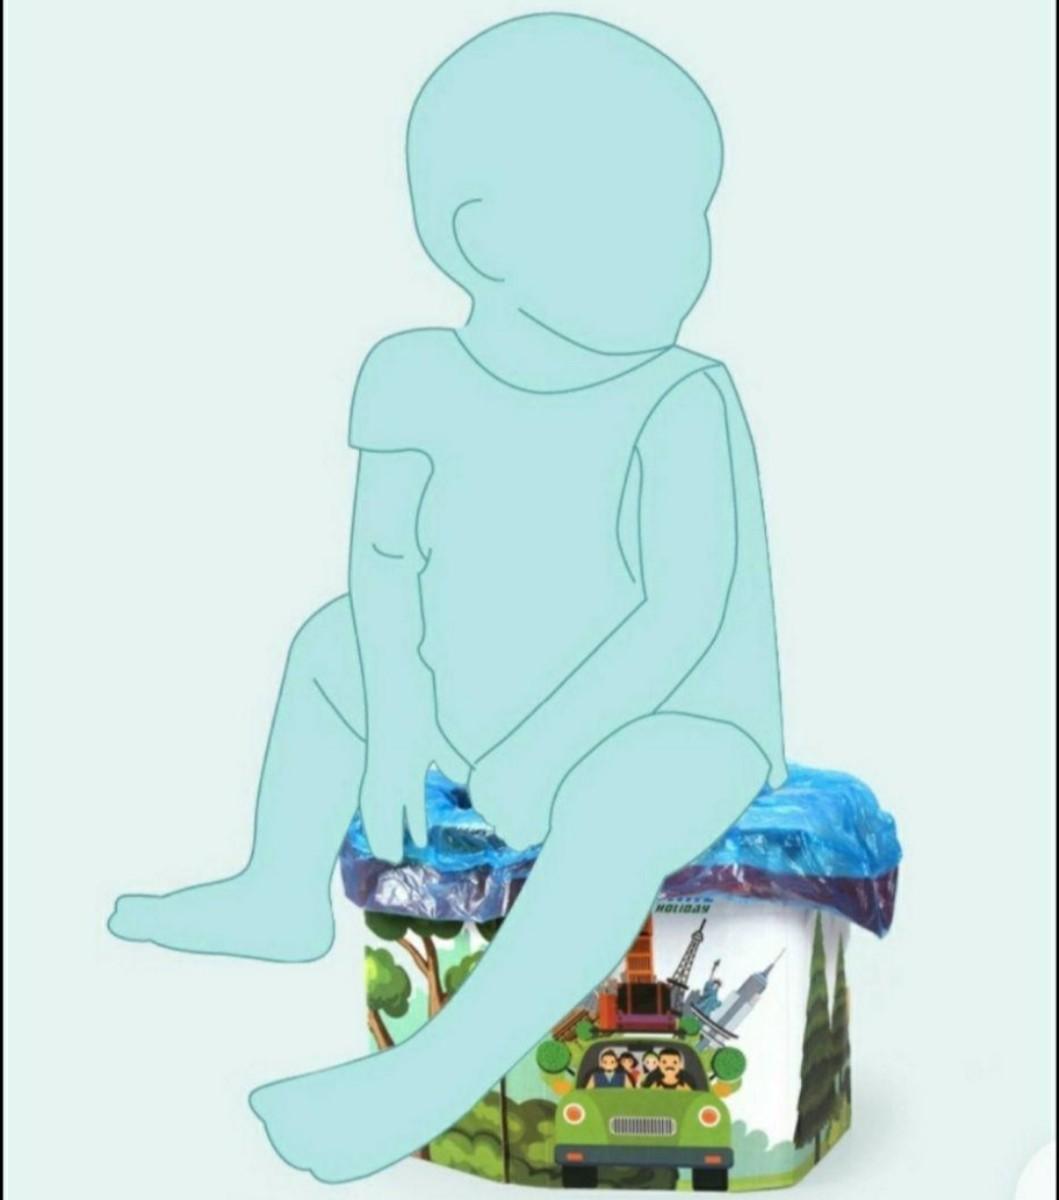 防災グッズ セット トイレ おまる 携帯トイレ 簡易トイレ 旅行 車内 防災用品 コンパクト 山 海 避難グッズ 緊急時 消臭袋